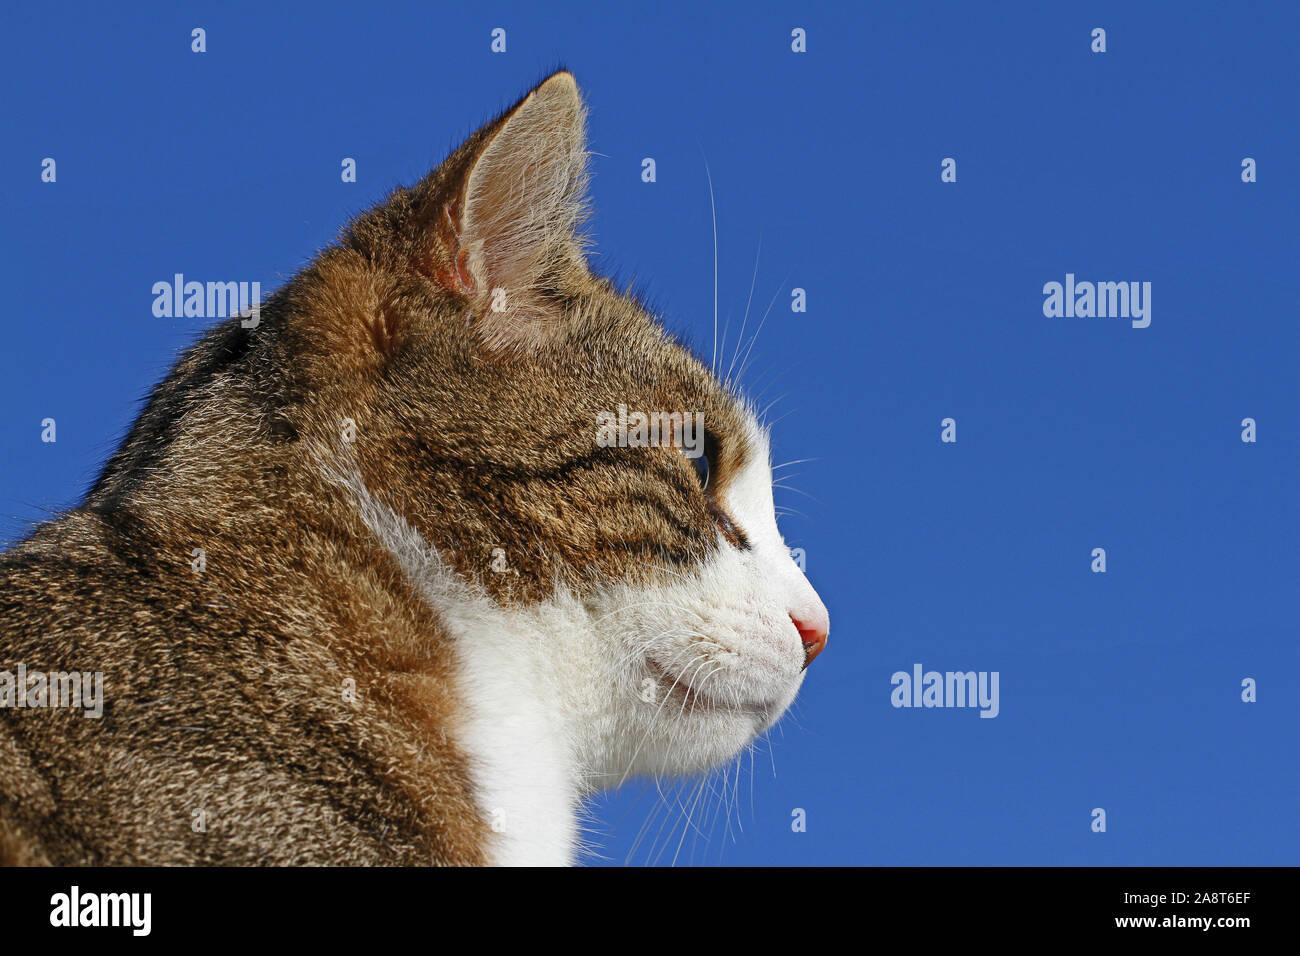 Gato atigrado símbolo estatal de Massachusetts y rescate símbolo pet de California, Colorado, Illinois, Tennessee. Abandonada en Colfiorito, Umbría. Foto de stock